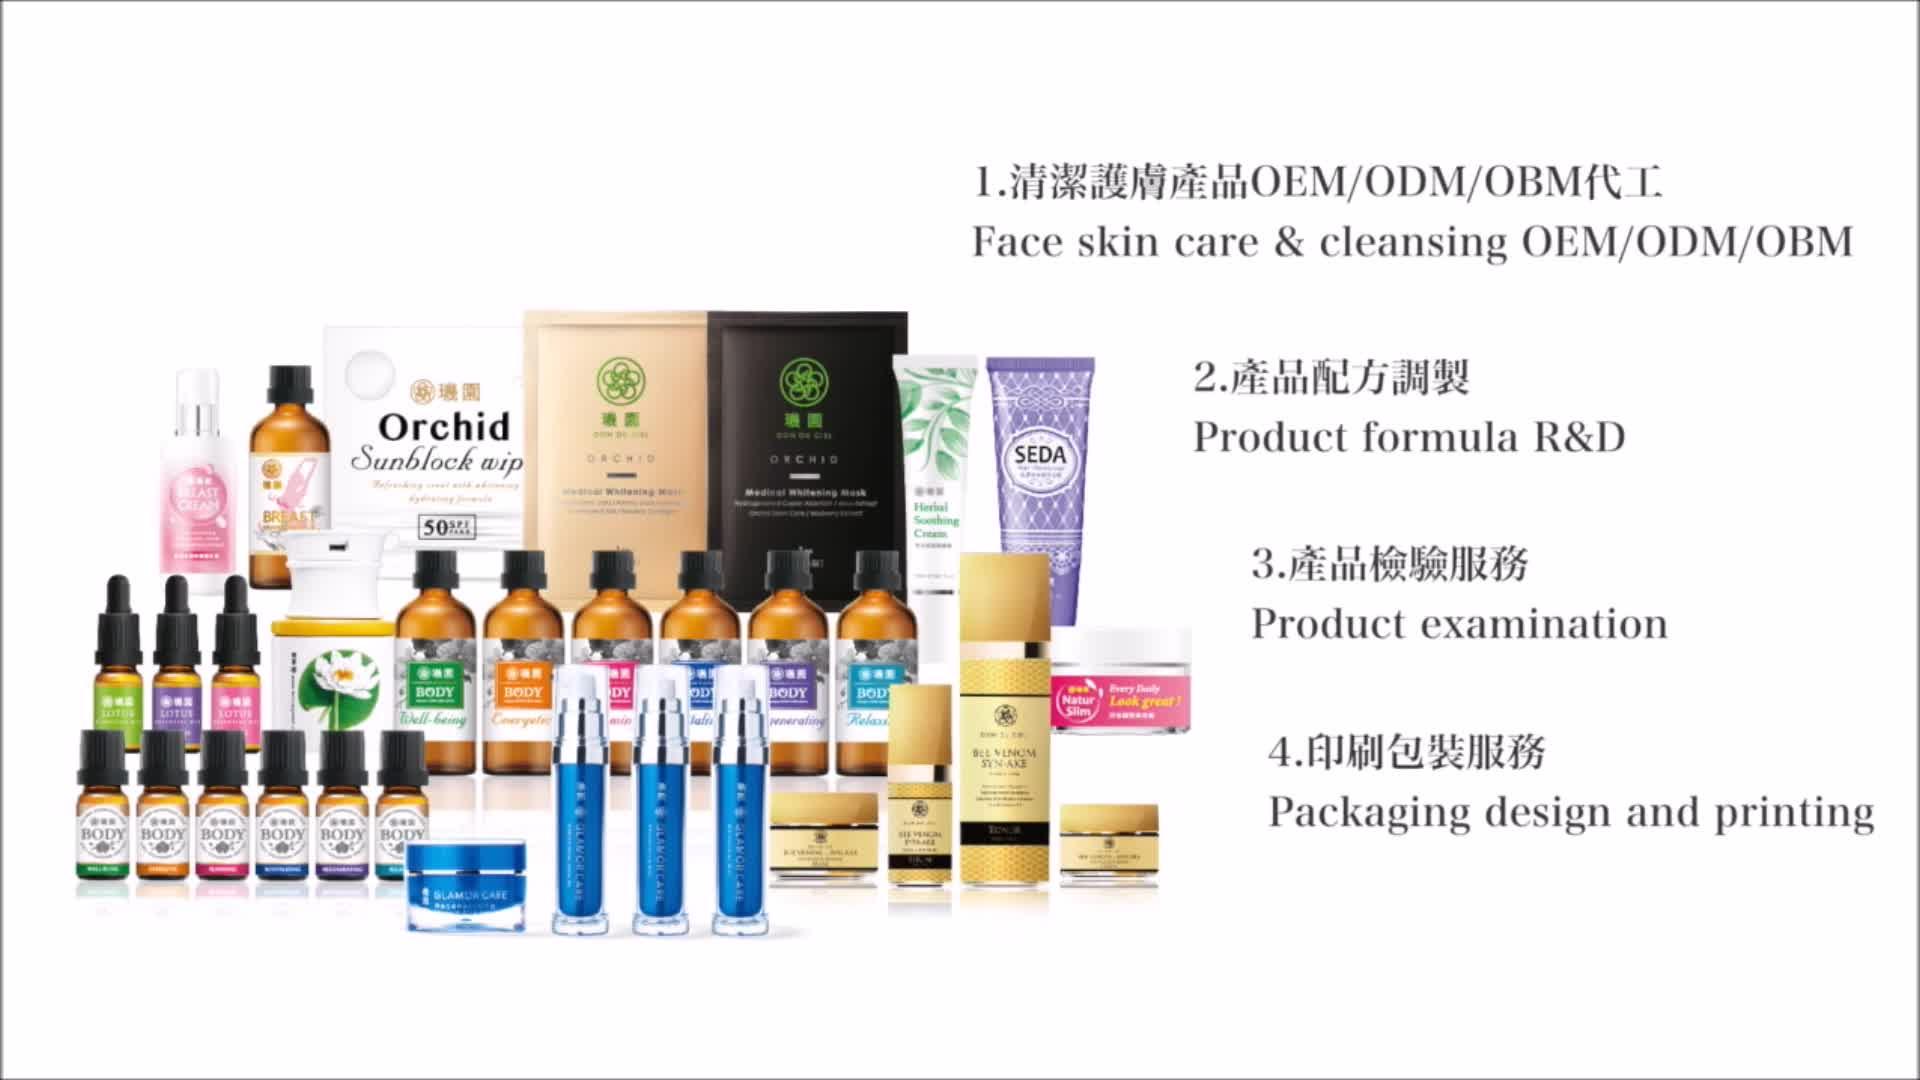 हर्बल बच्चे की त्वचा whitening शरीर तेलों उत्पाद जैव प्राकृतिक बच्चे के तेल के लिए निजी लेबल और शिशुओं के लिए आवश्यक तेल